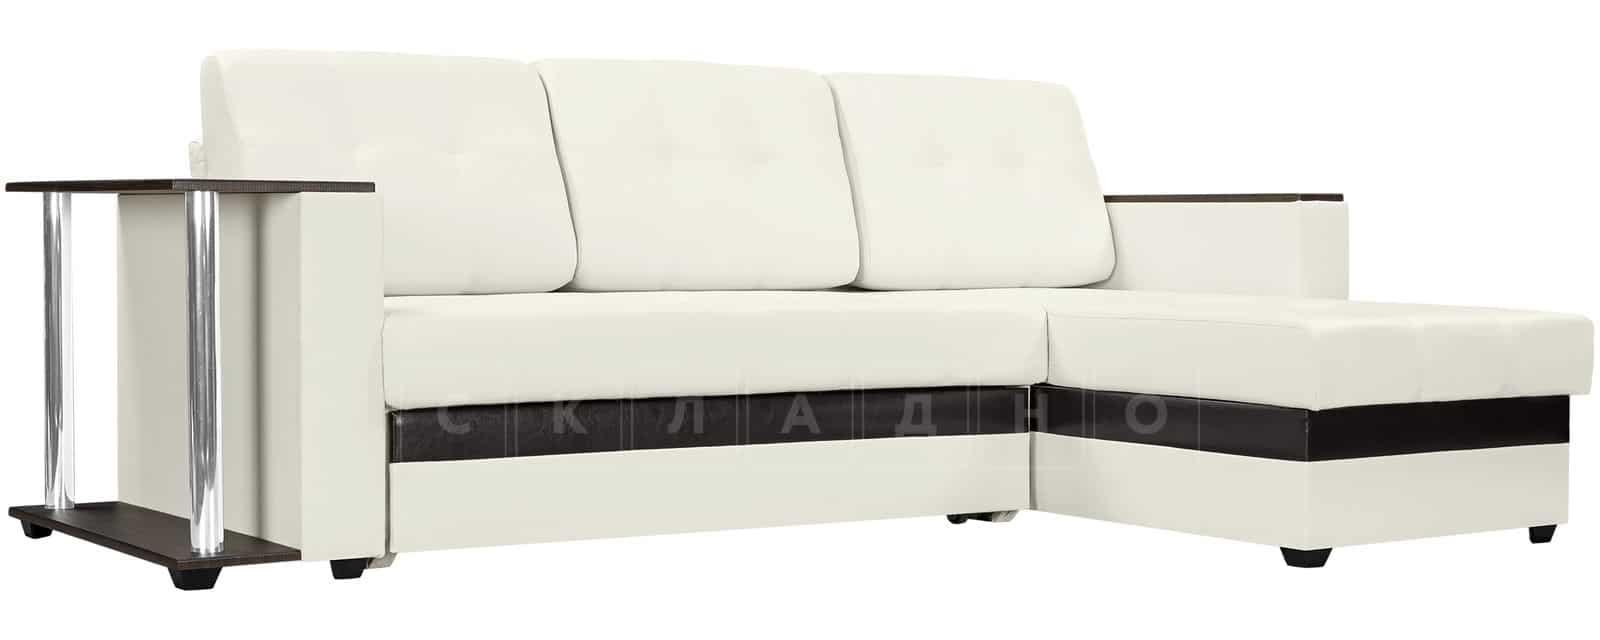 Угловой диван Атланта экокожа молочный фото 1   интернет-магазин Складно